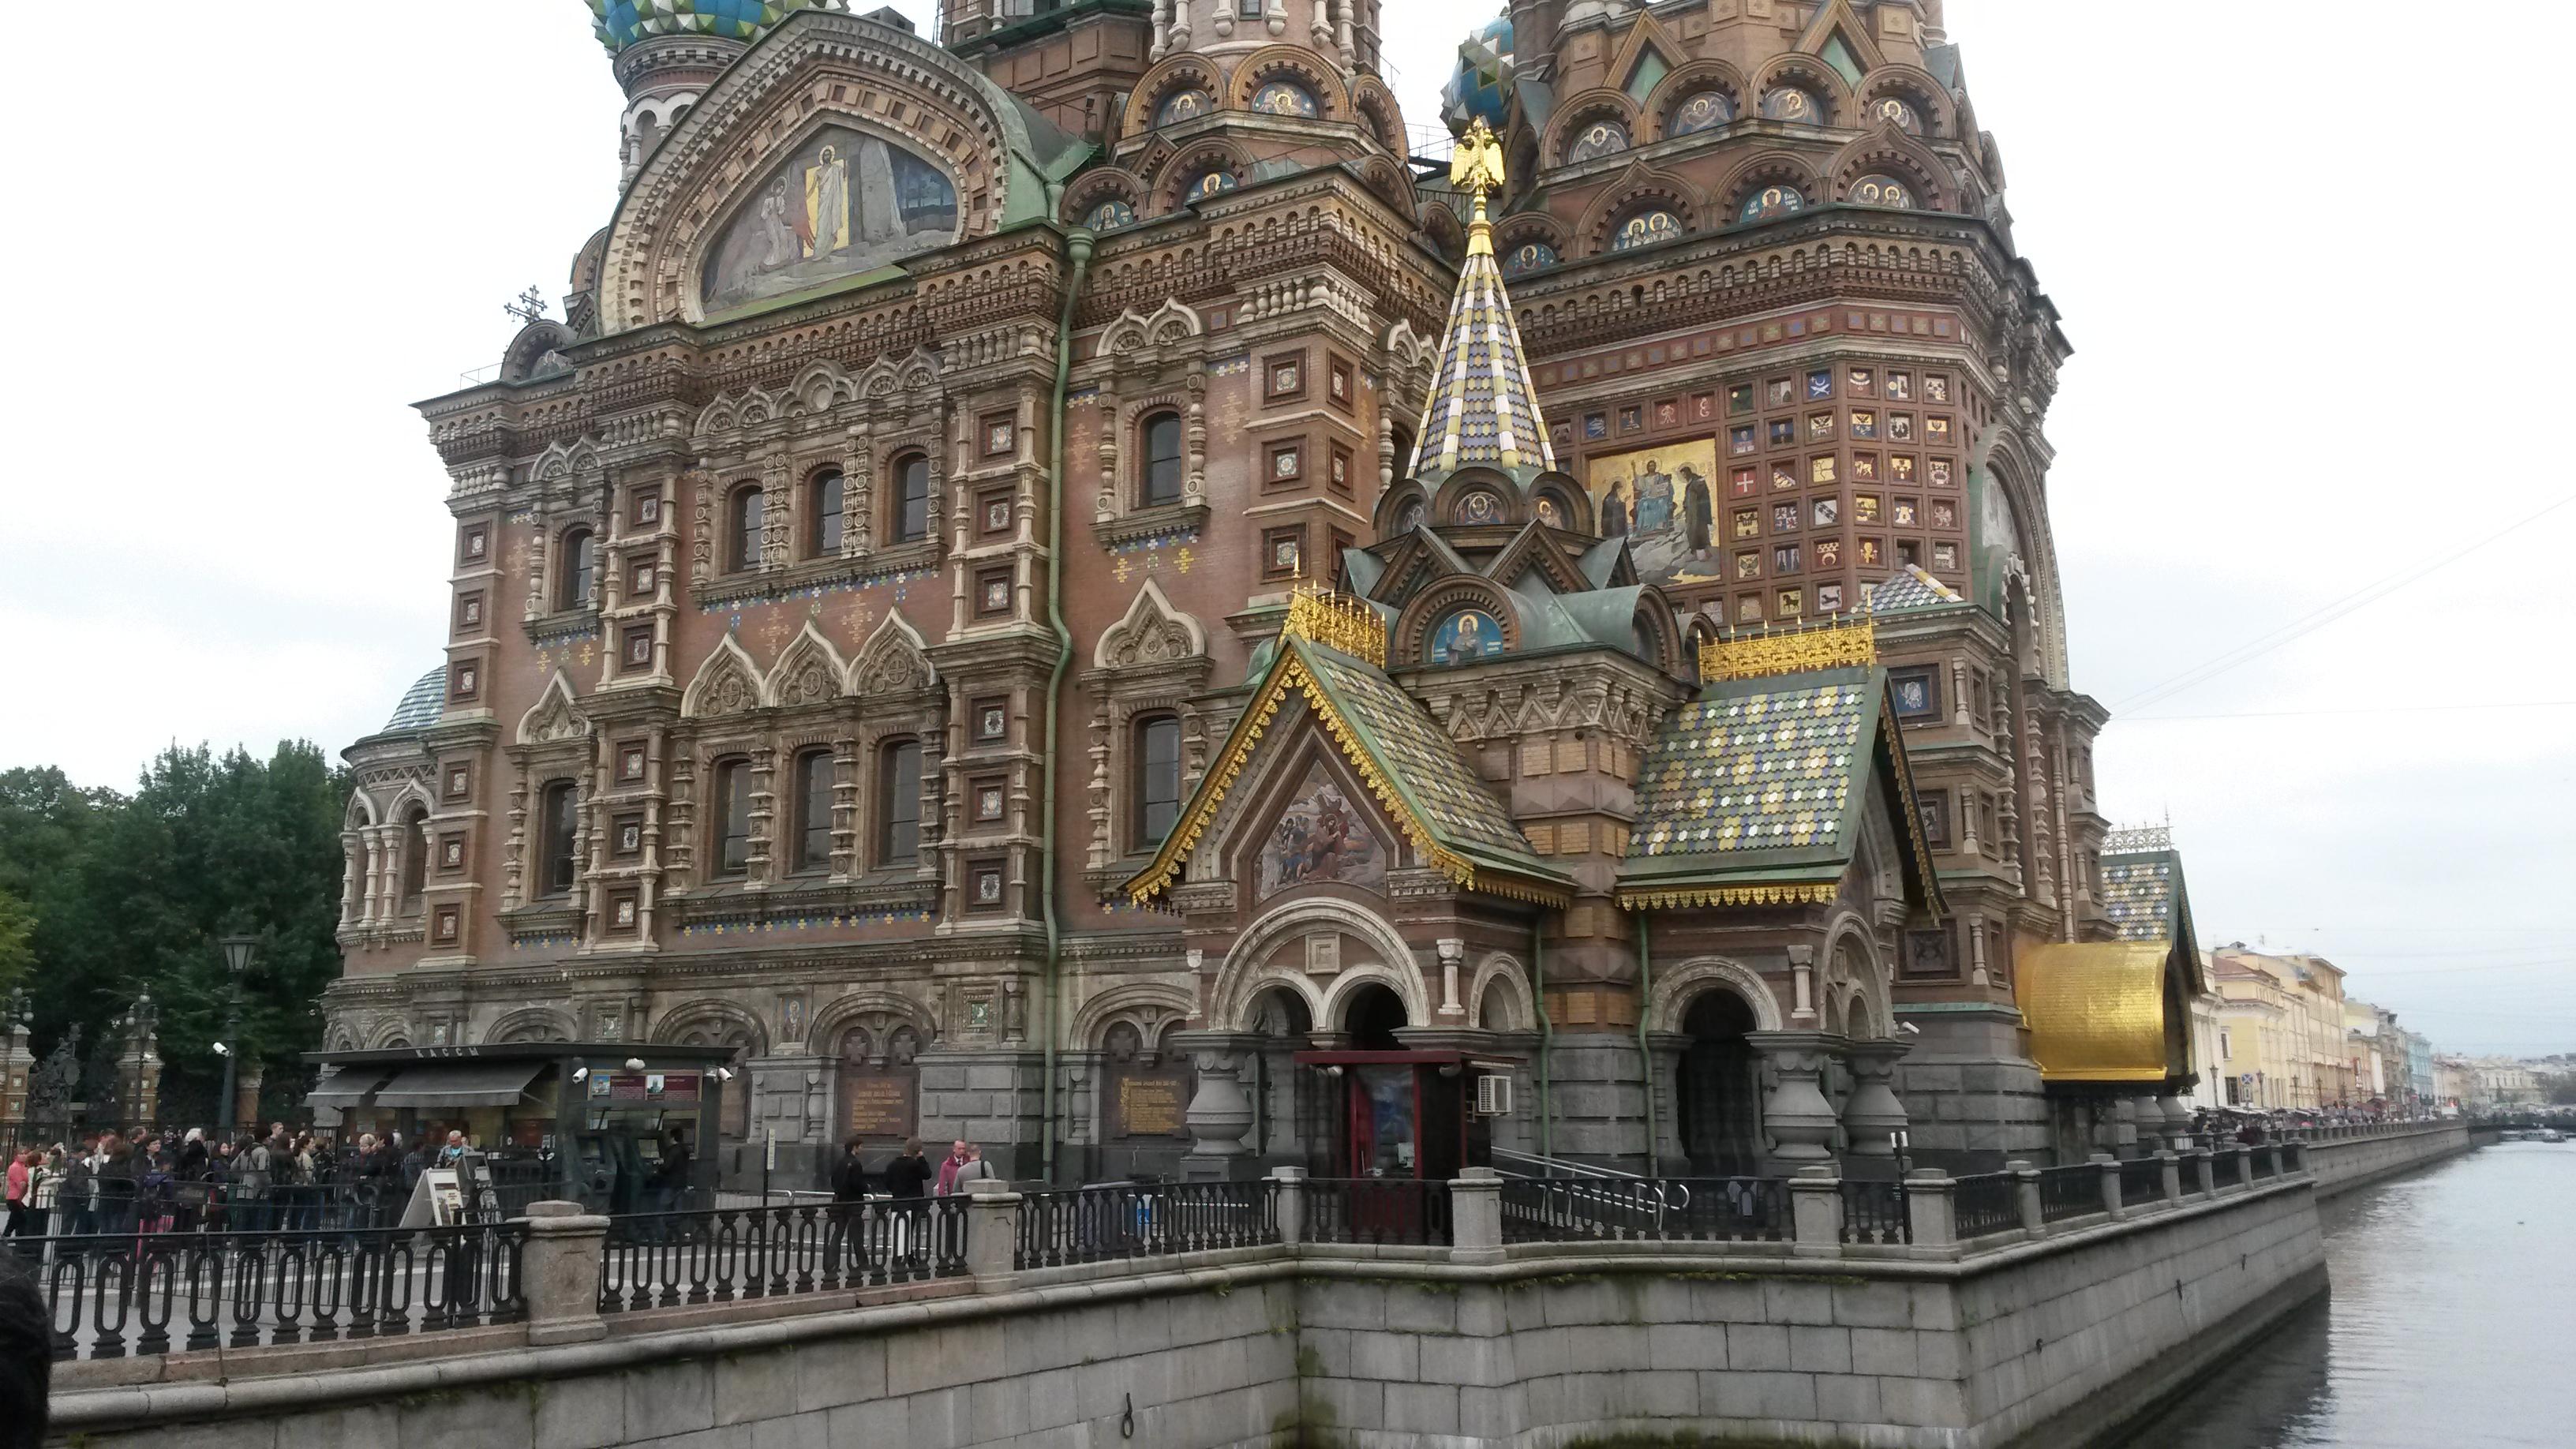 Ein Ausschnitt der vielfältigen Fassade der Blutkirche in St. Petersburg